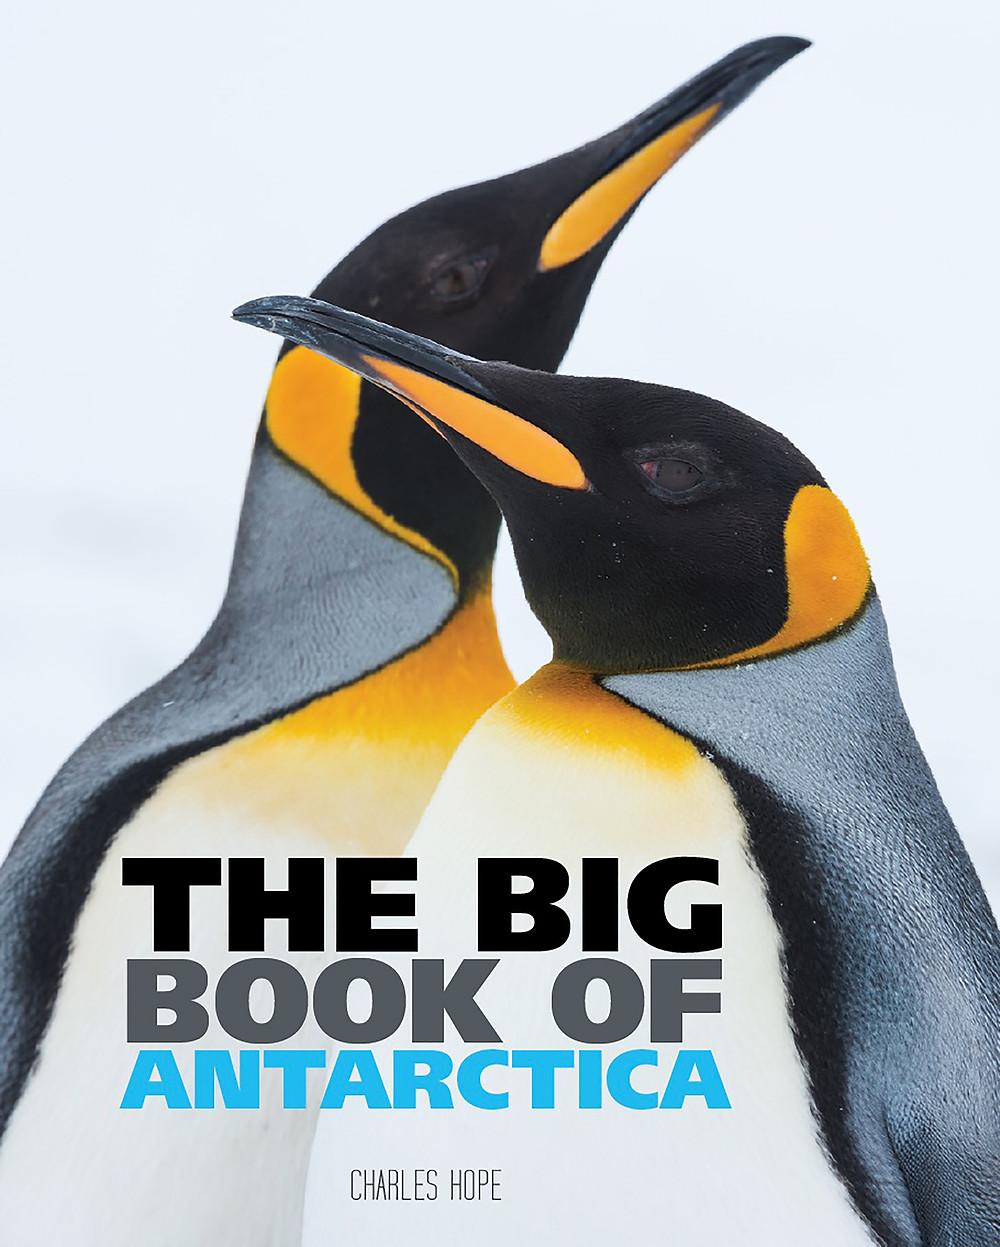 The big book o Antarctica